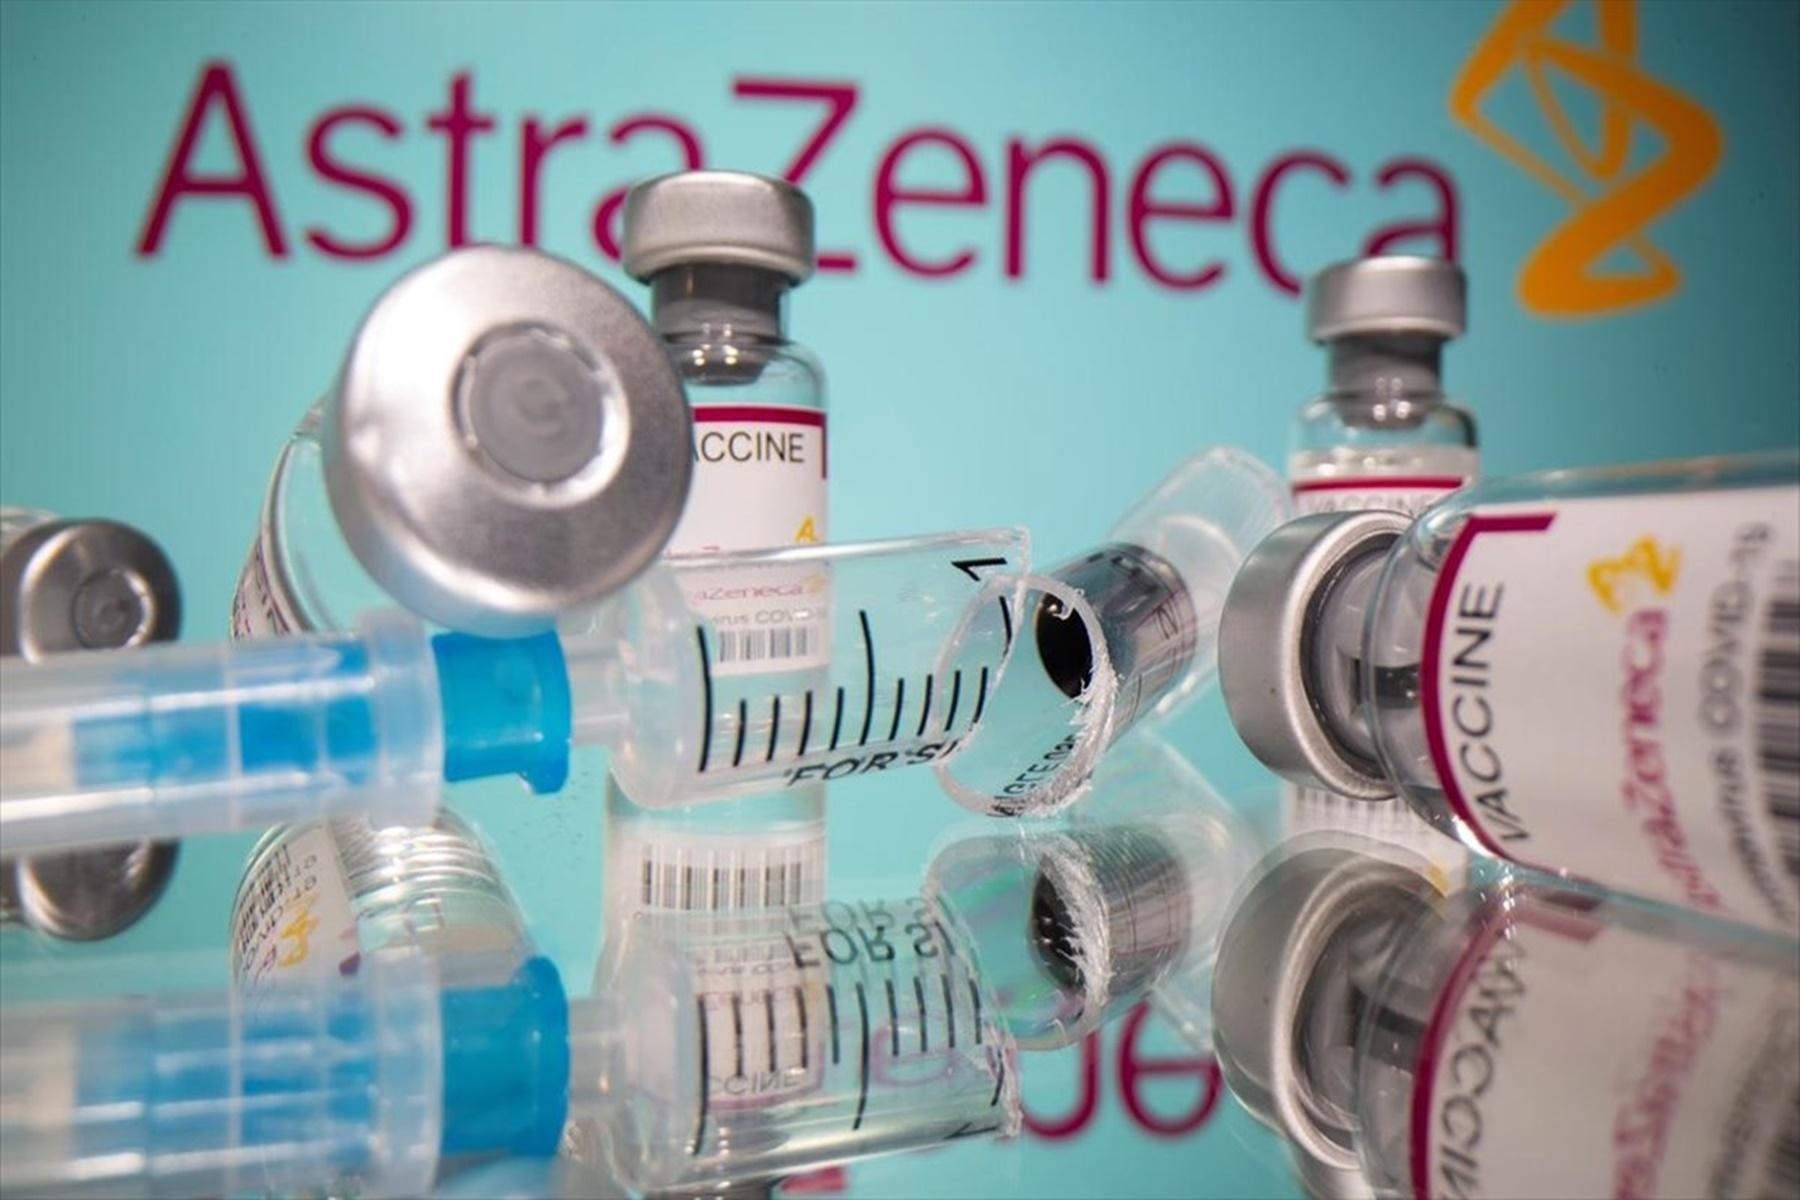 Εμβολιασμός AstraZeneca παρενέργεια: Κανονικά προχωρά ο εμβολιασμός με AstraZeneca, τι ισχύει με β' δόση και παρενέργειες [vid]